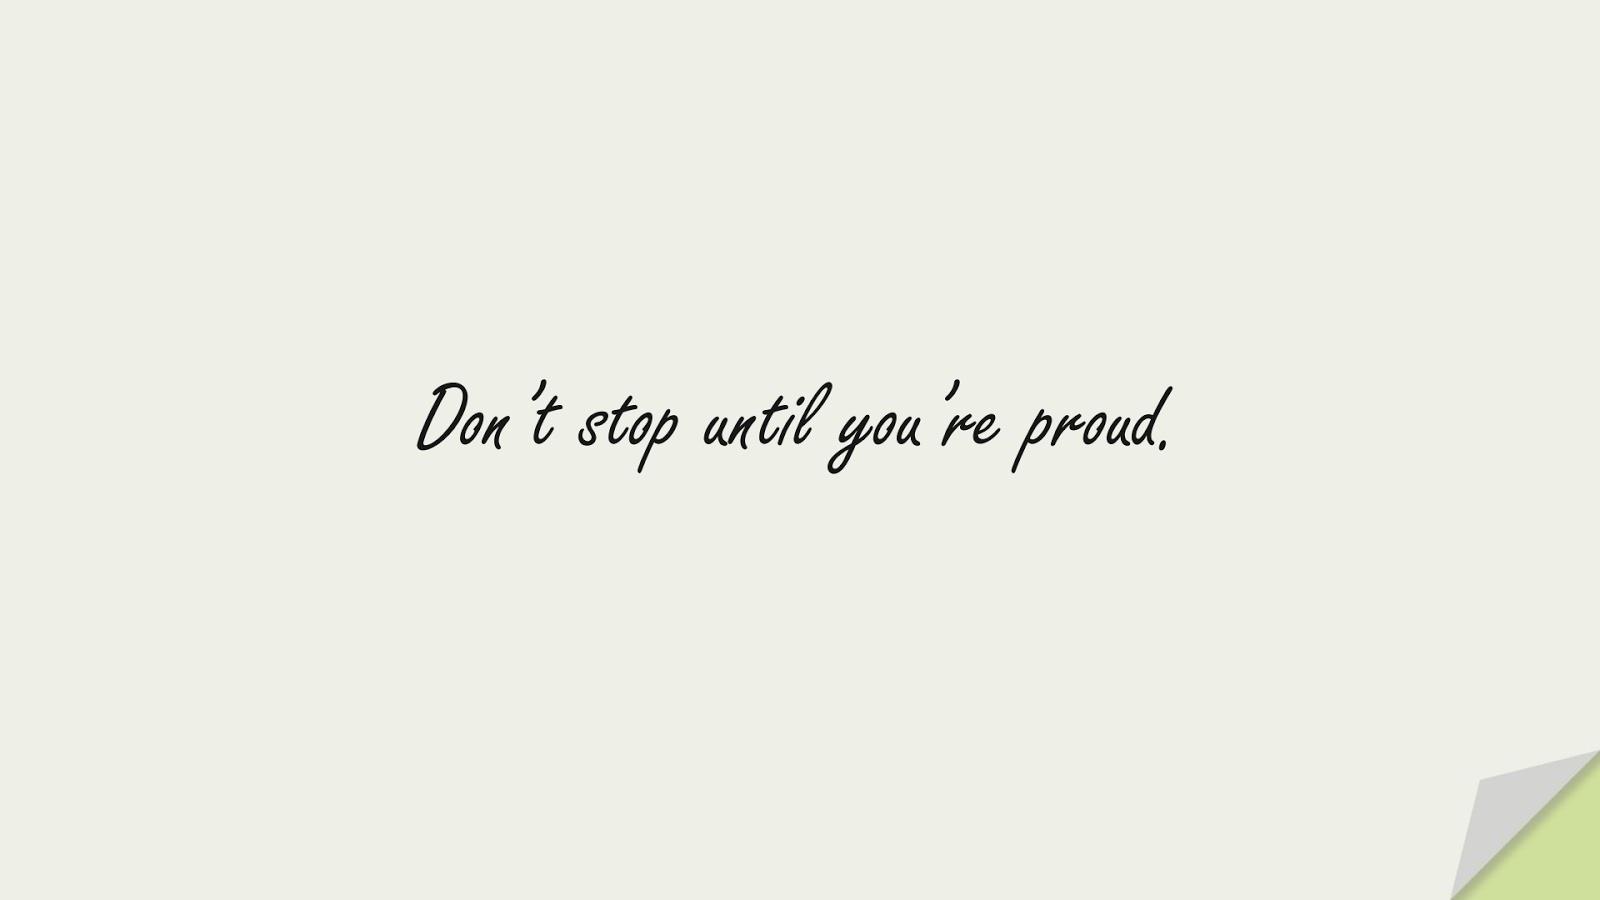 Don't stop until you're proud.FALSE